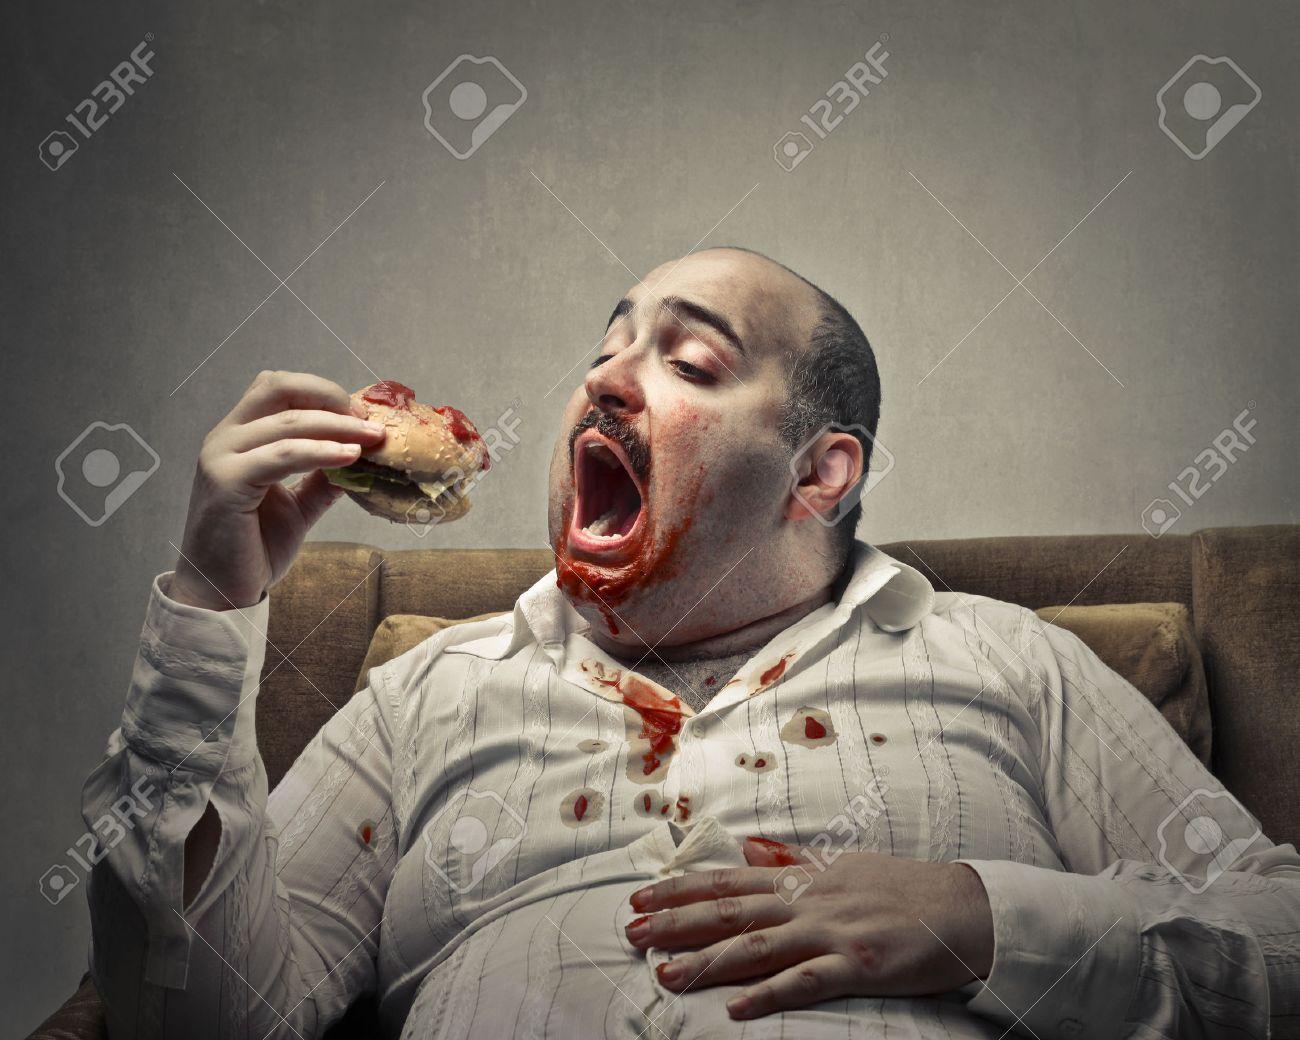 Fetter Mann, essen ein Sandwich Standard-Bild - 50741150